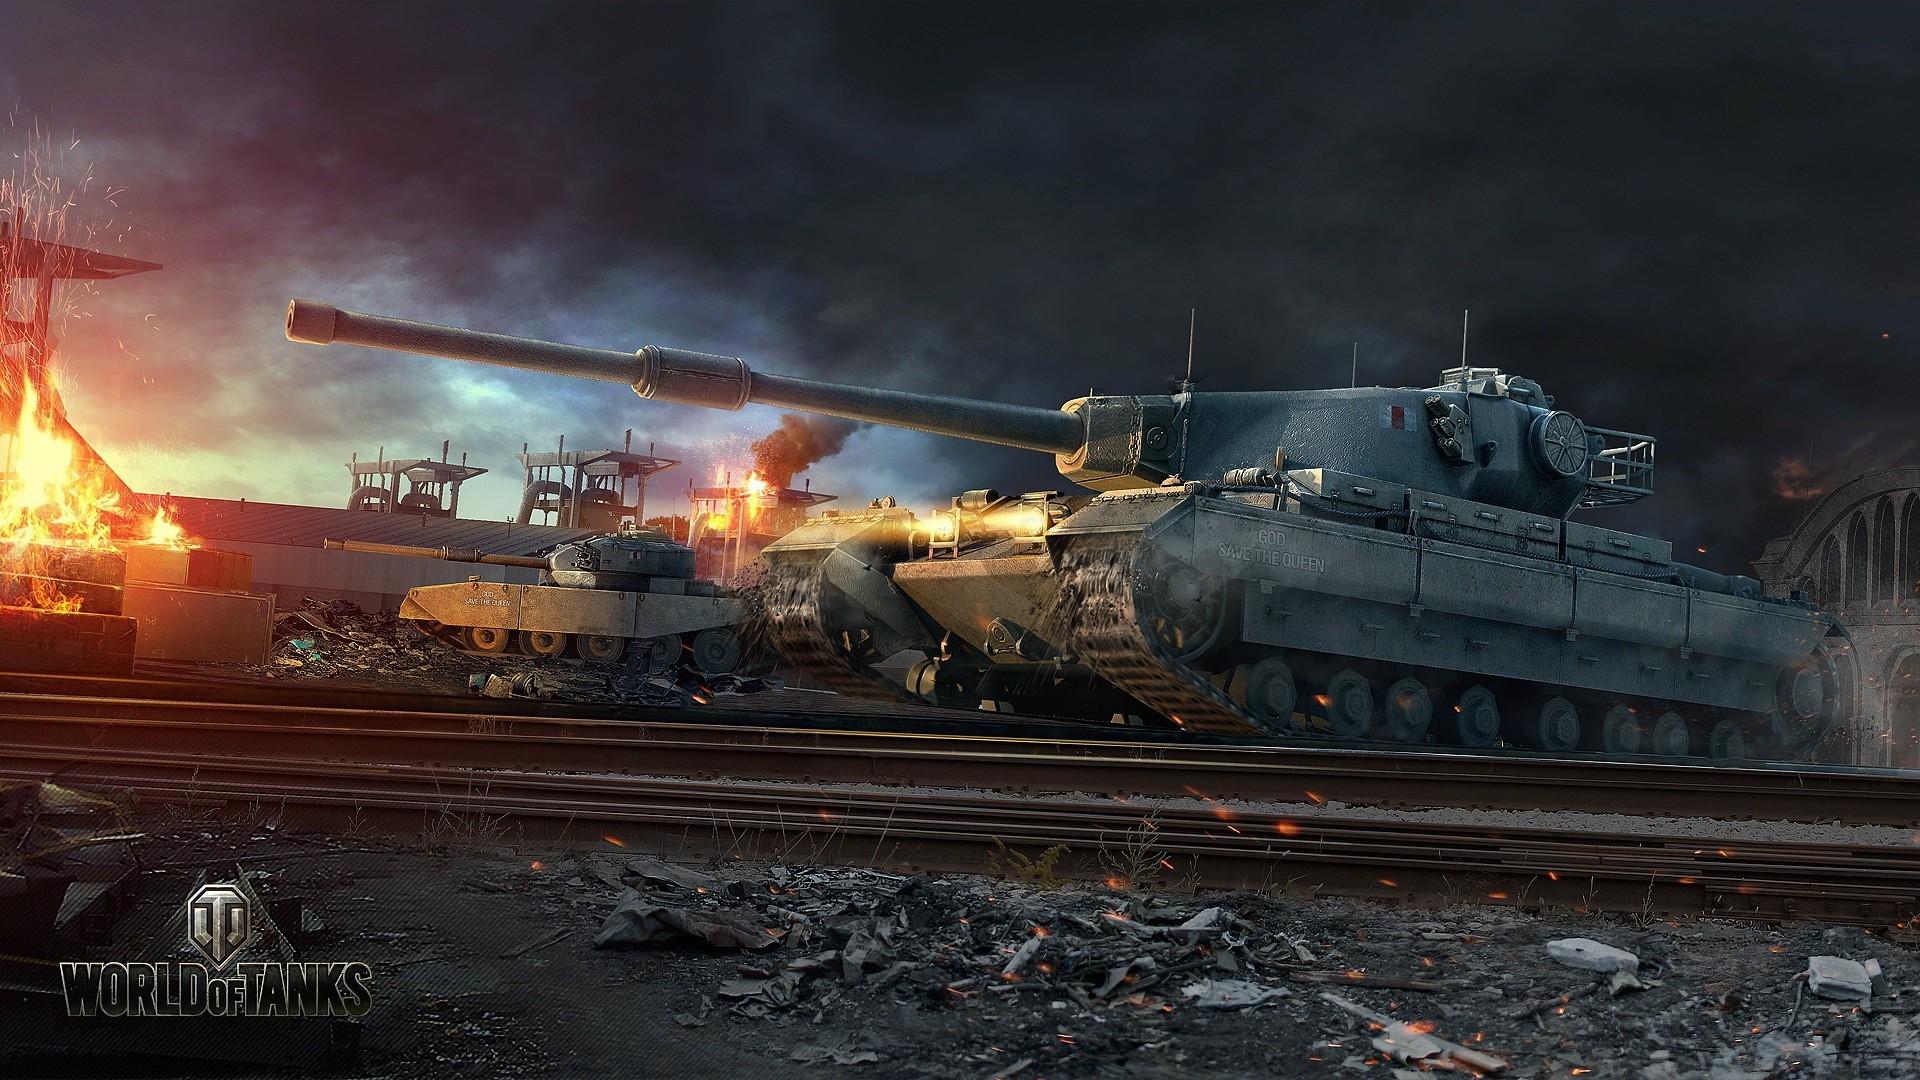 Обои дым, World of tanks. Игры foto 19